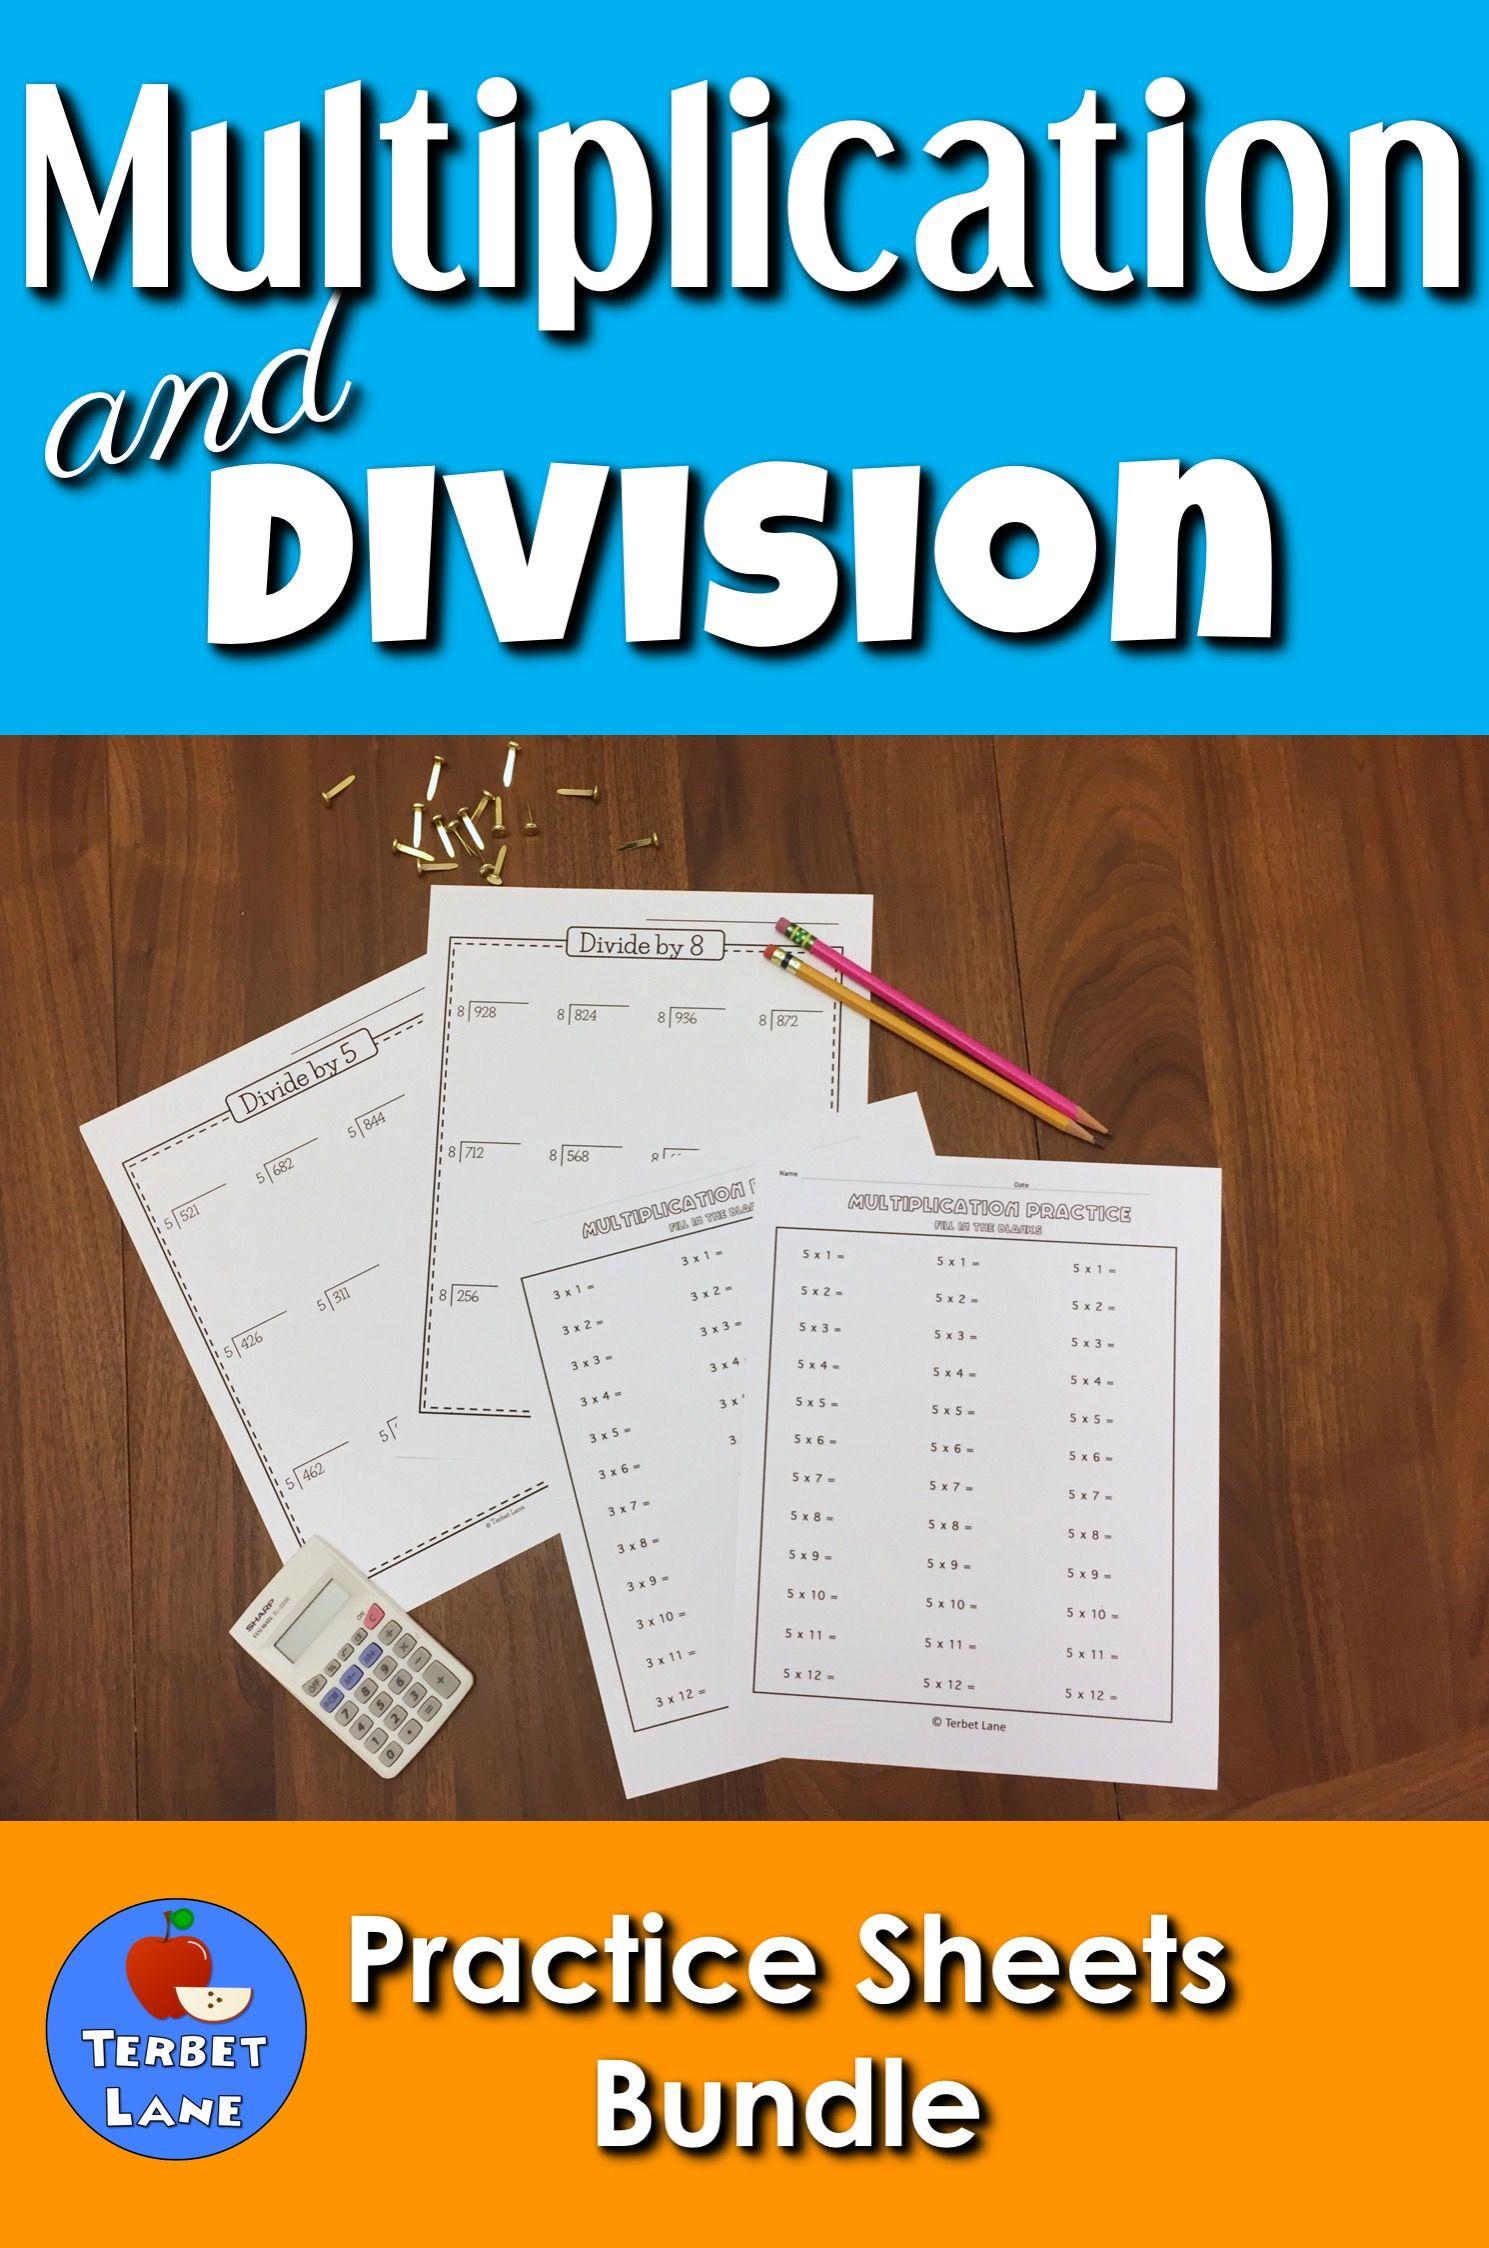 Multiplication Worksheets And Division Worksheets Bundle